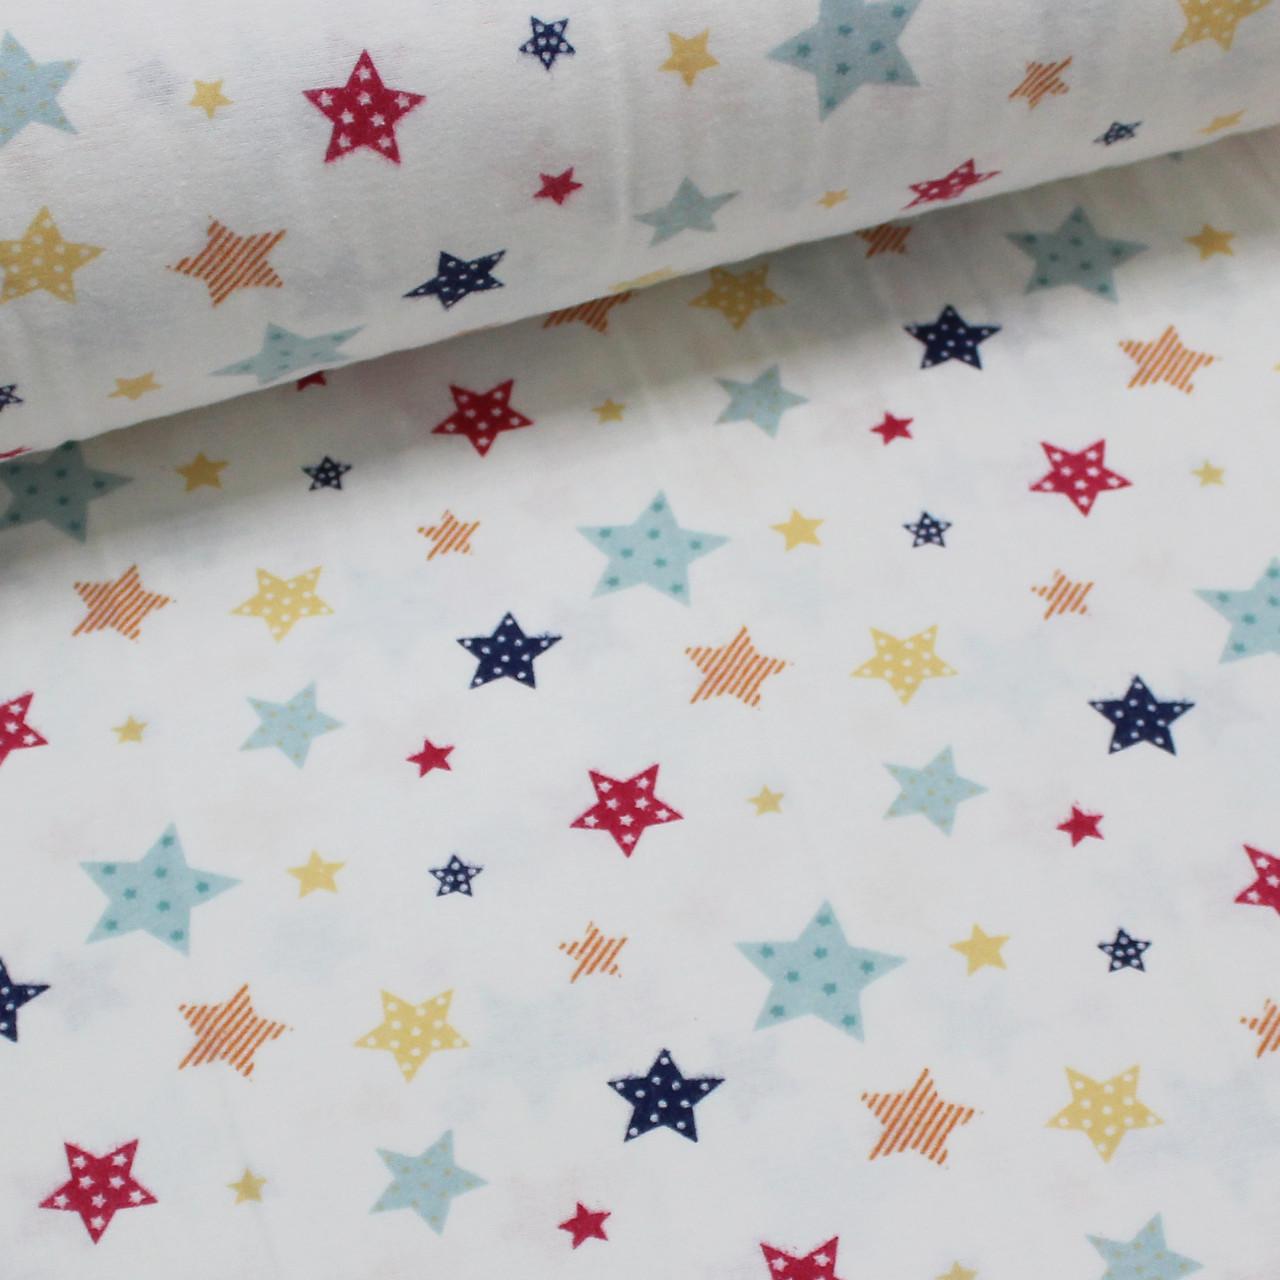 Фланелевая ткань (ТУРЦИЯ шир. 2,4) Звездопад красно-желто-голубой на белом